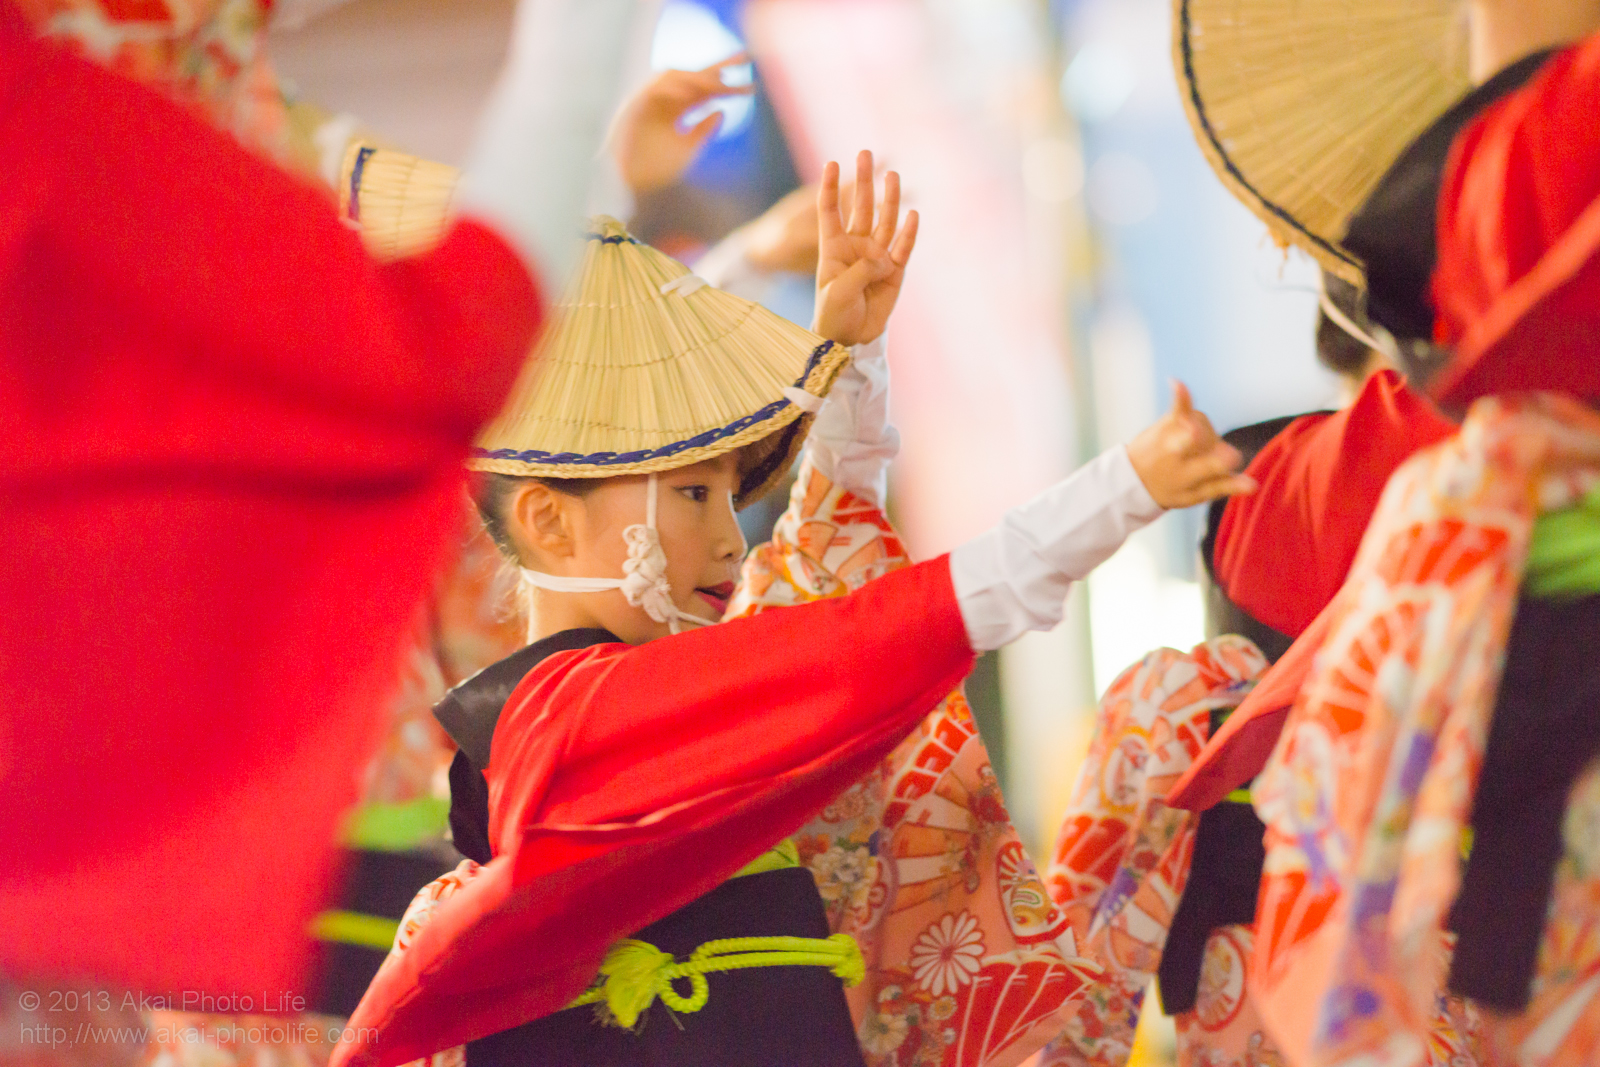 踊れ西八夏まつり、弐穂連の子供の女踊り